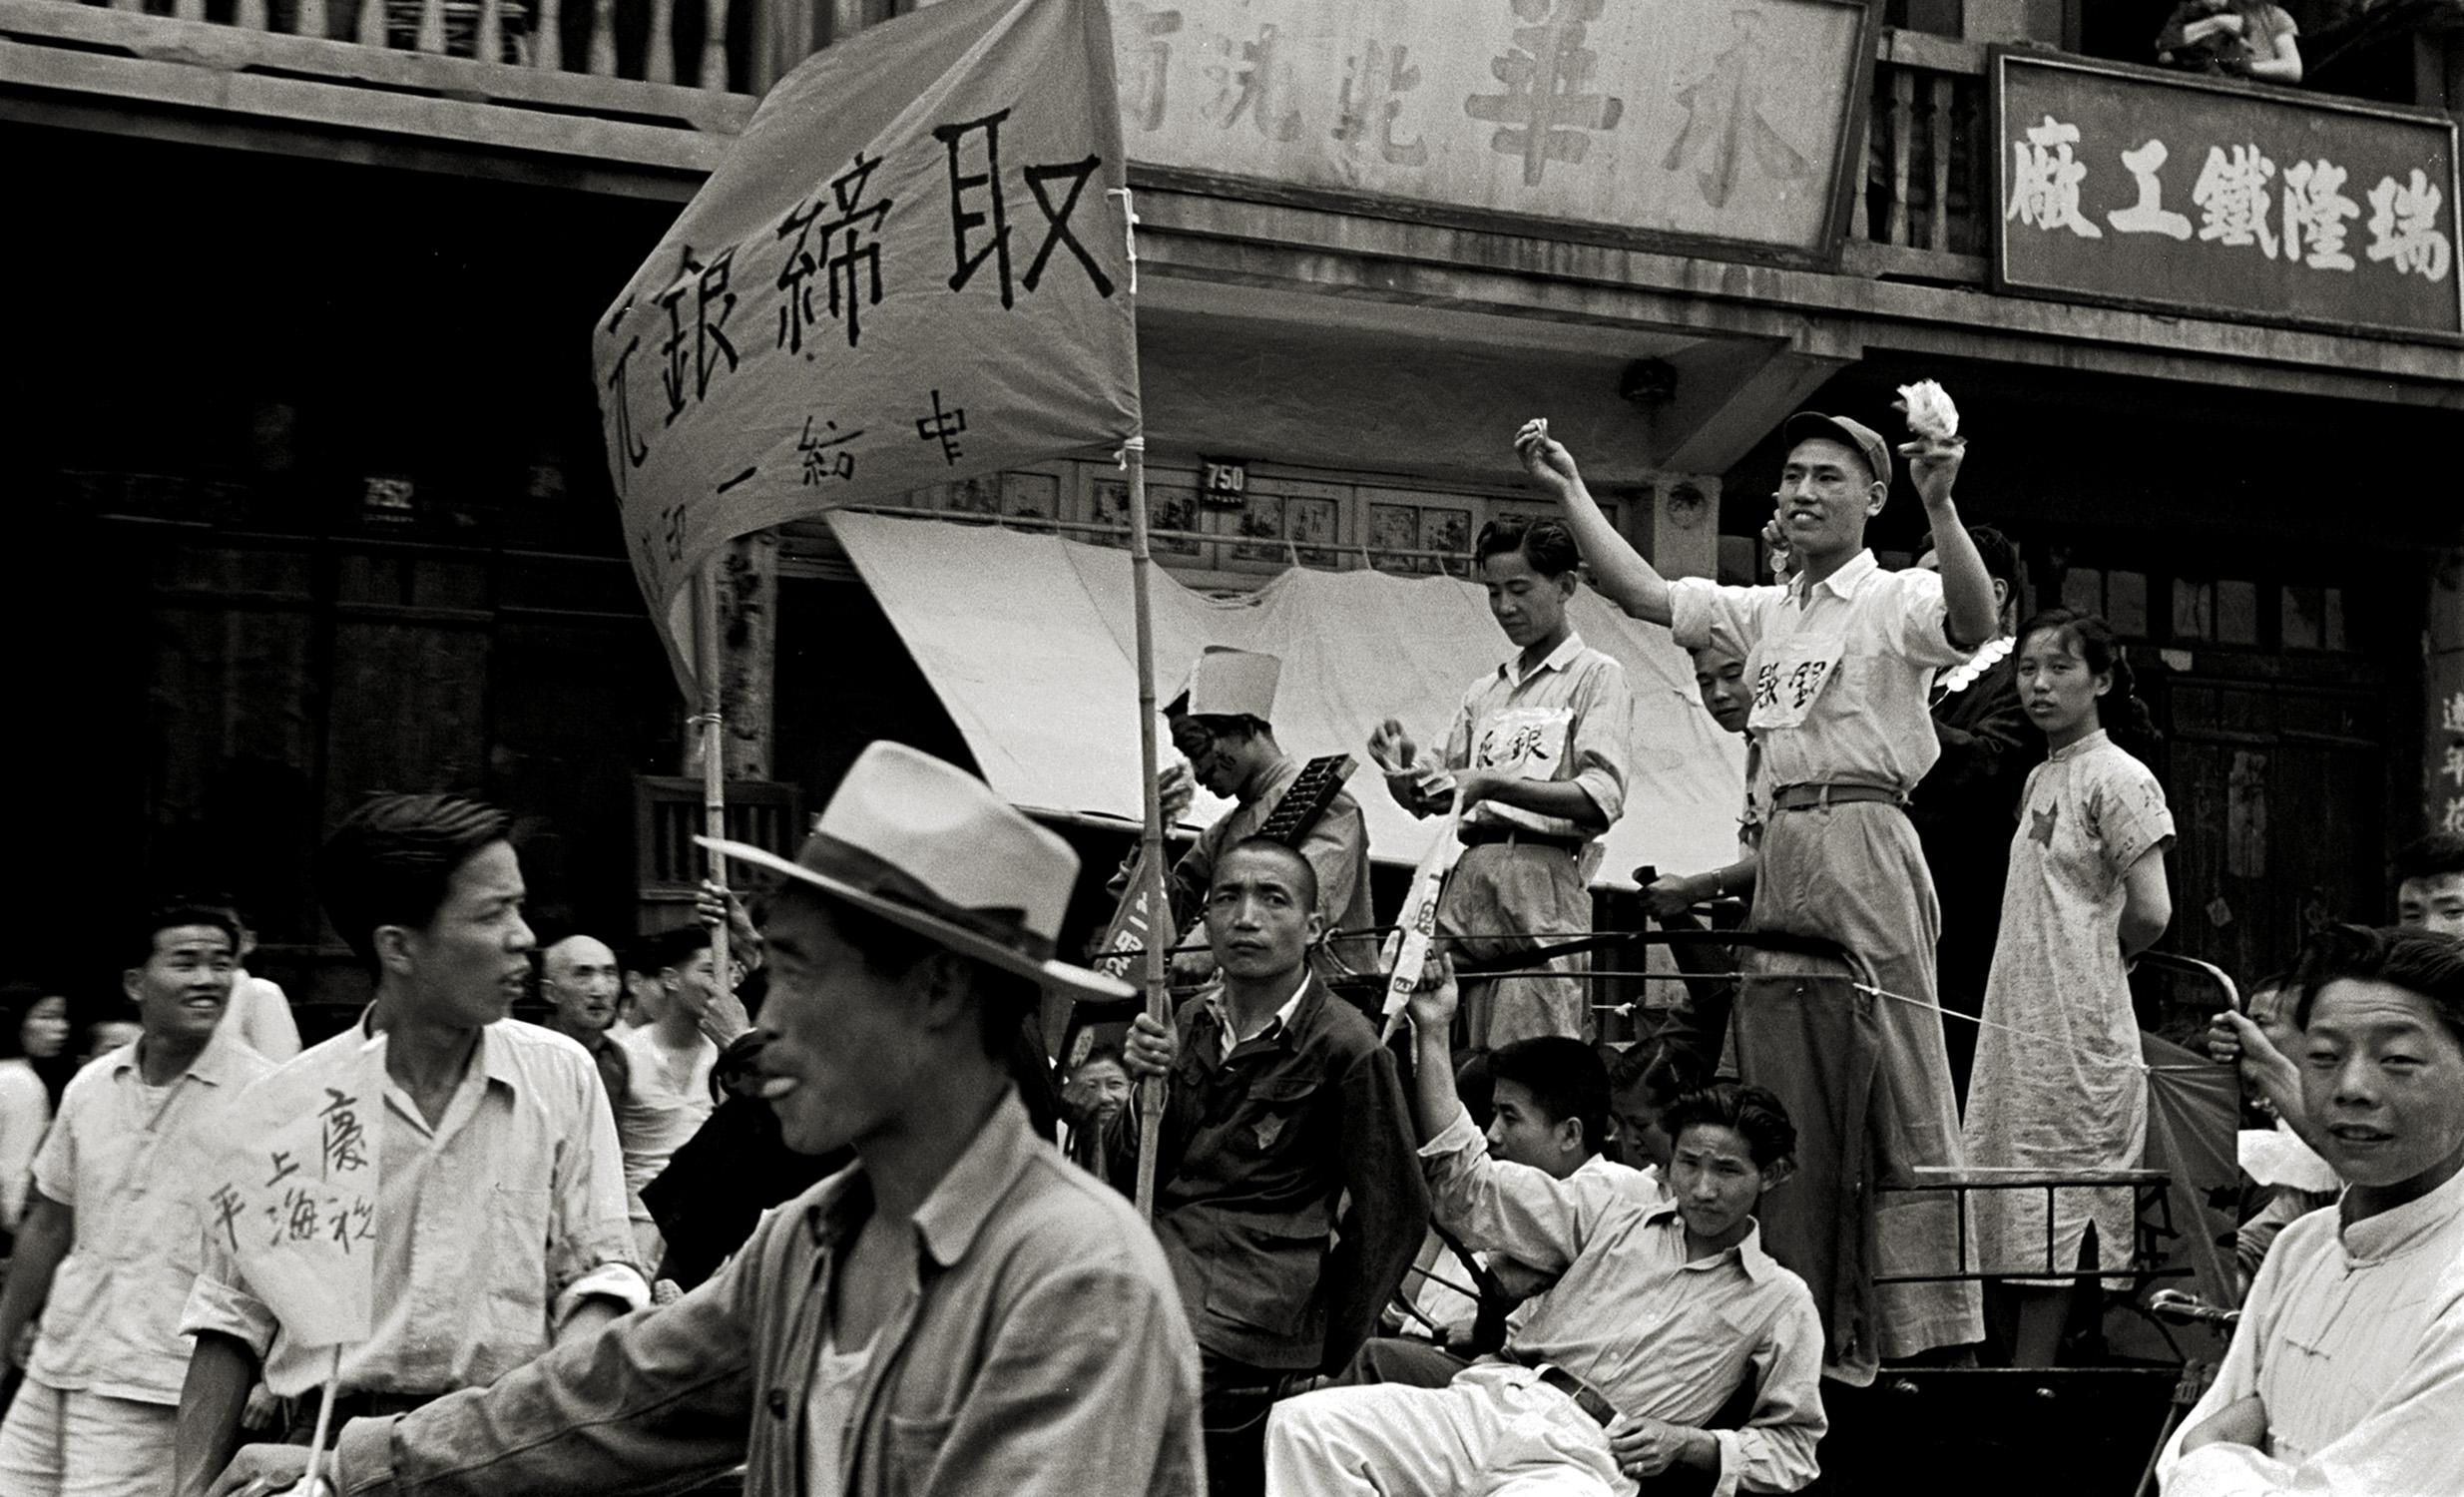 上海解放,Shanghai liberated, 1949 / Courtesy of Jin Hua